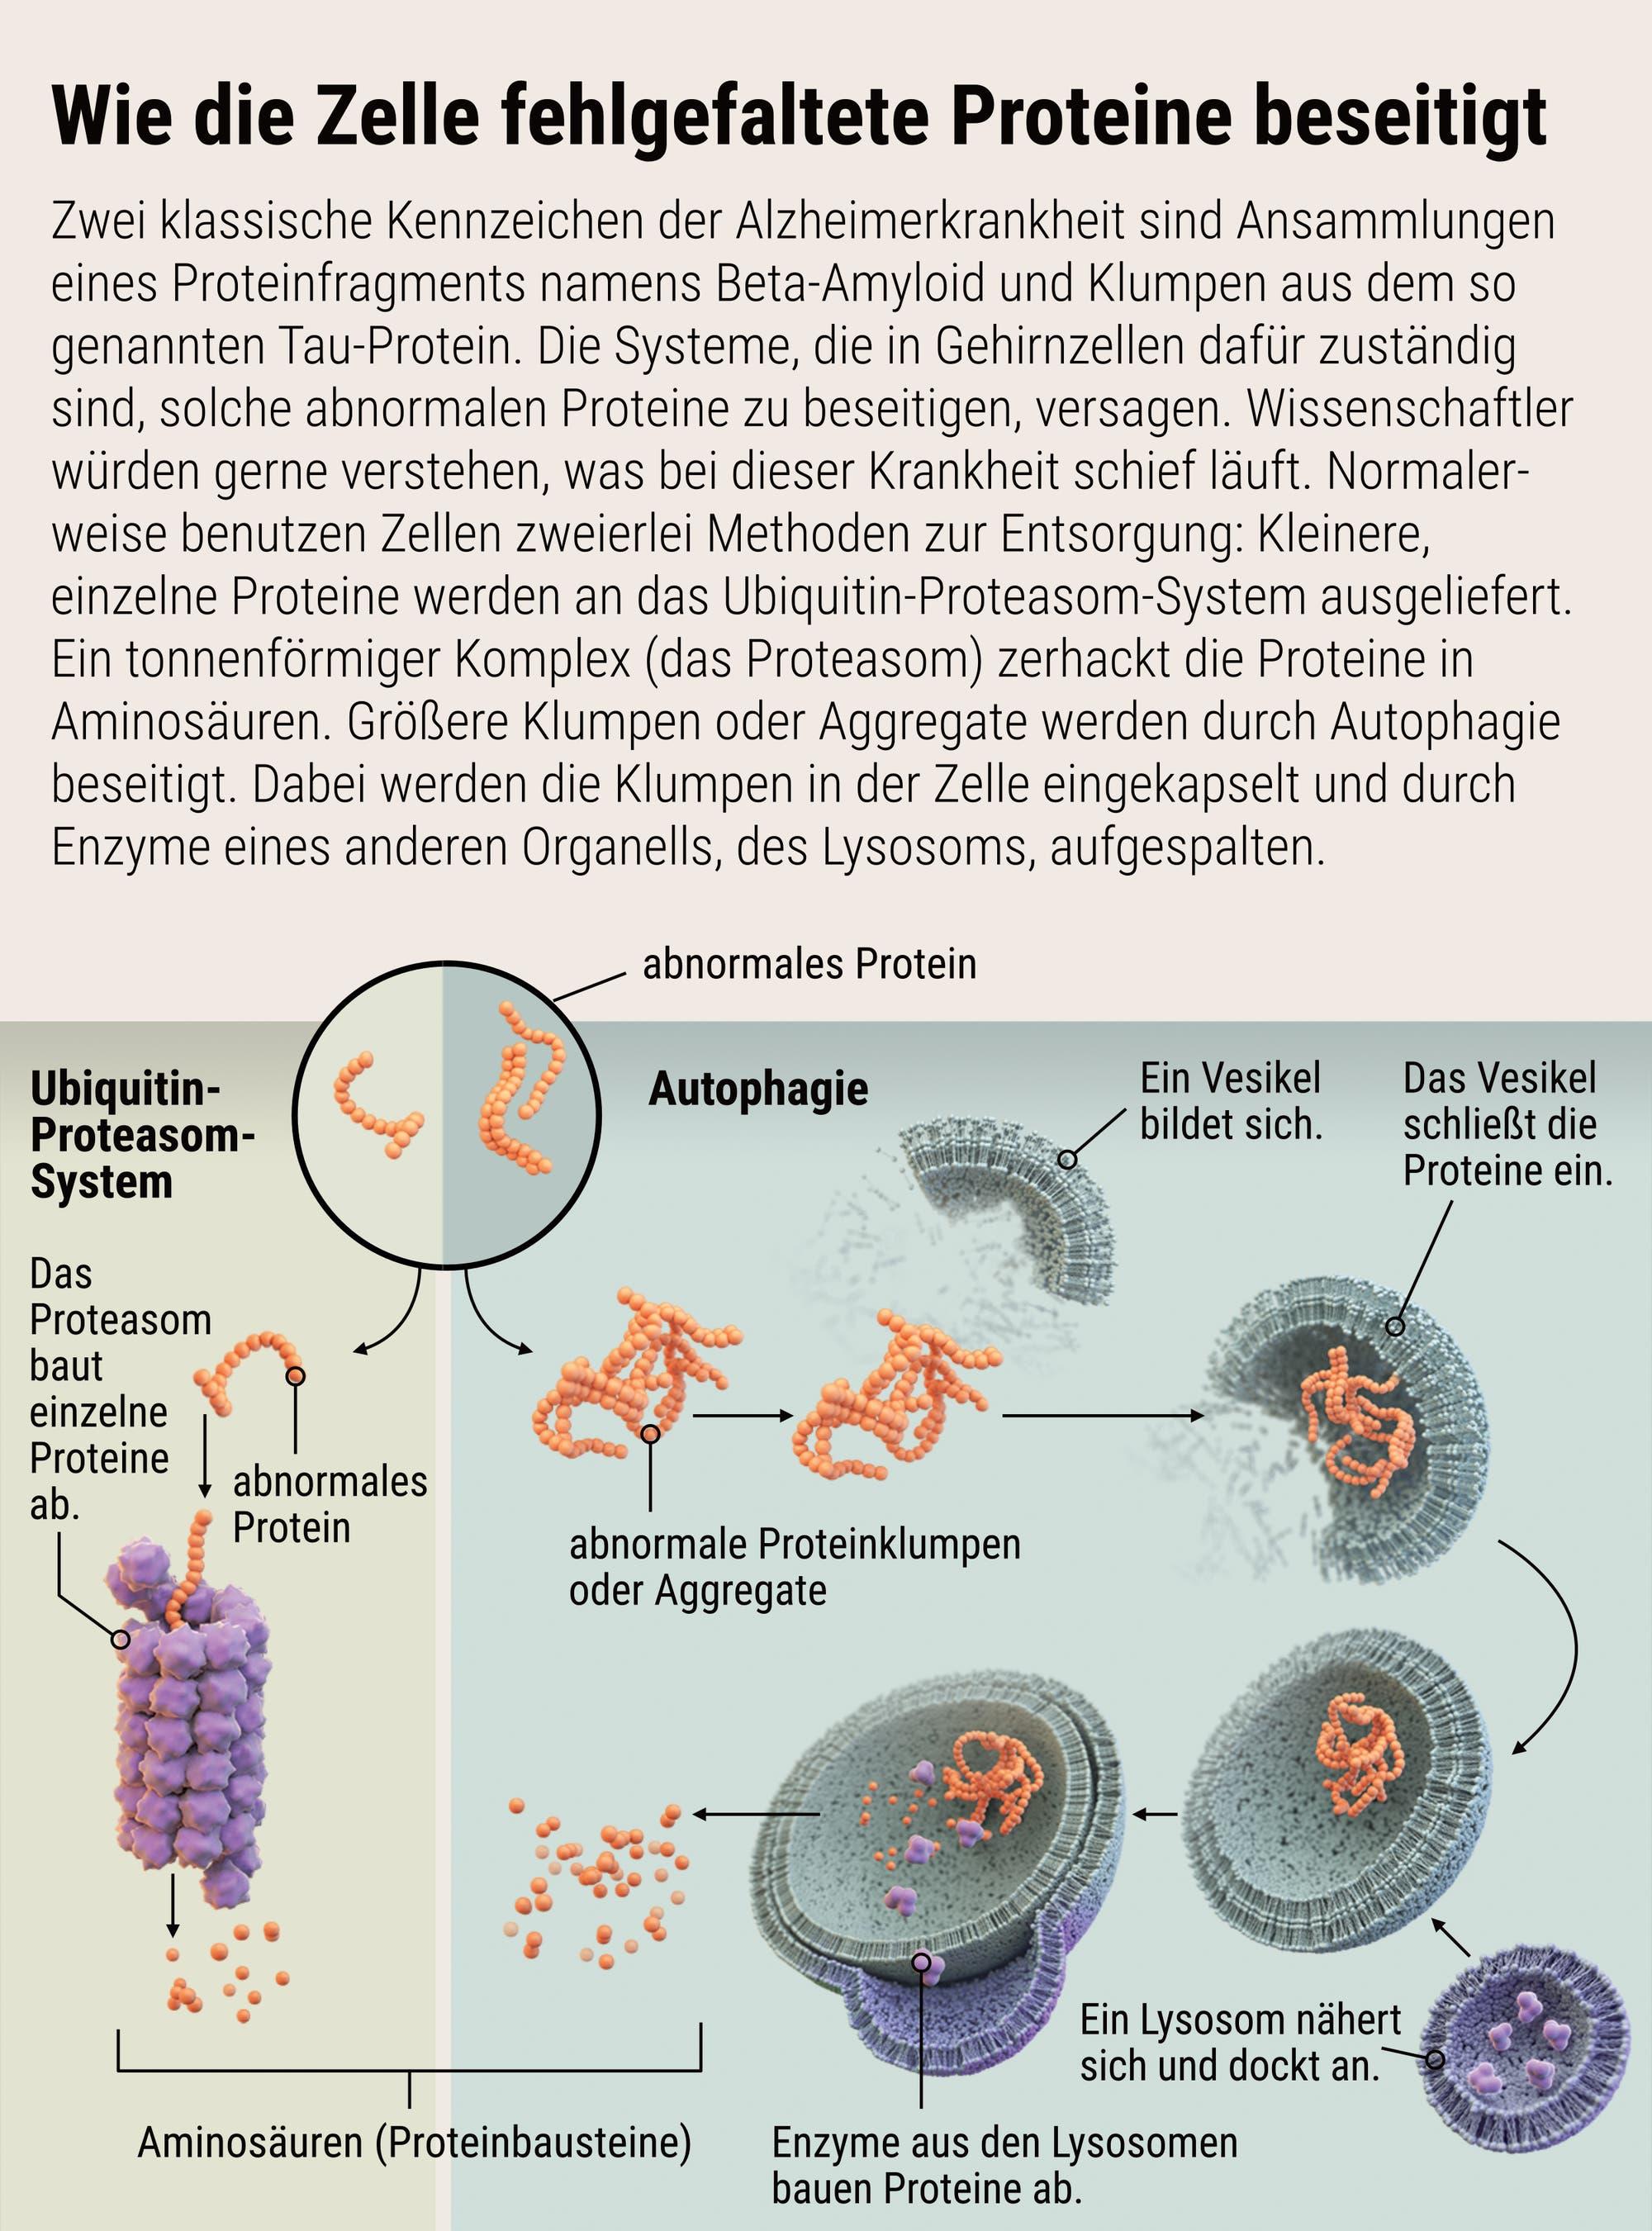 So wird die Zelle abnormale Proteine los – normalerweise jedenfalls.